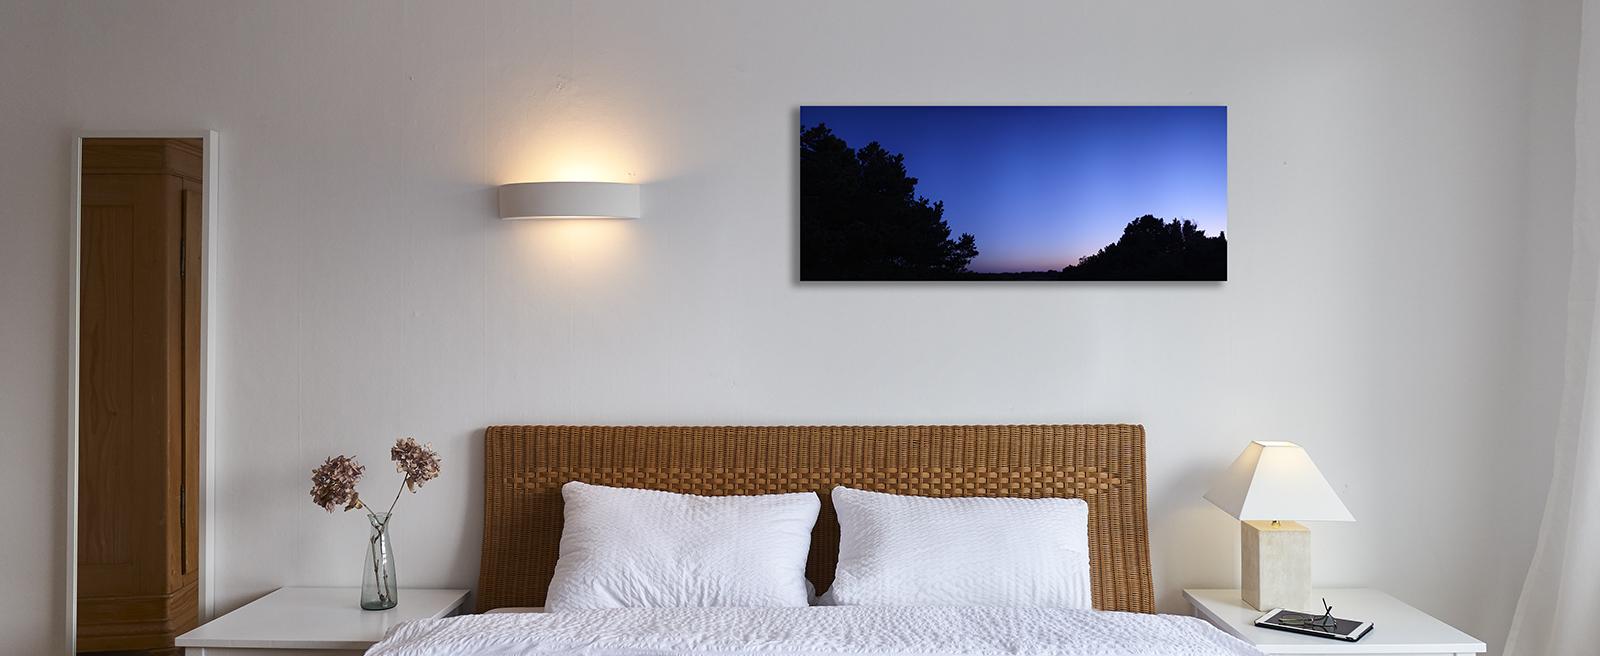 Bildbeispiel in der Größe 40 x 100cm